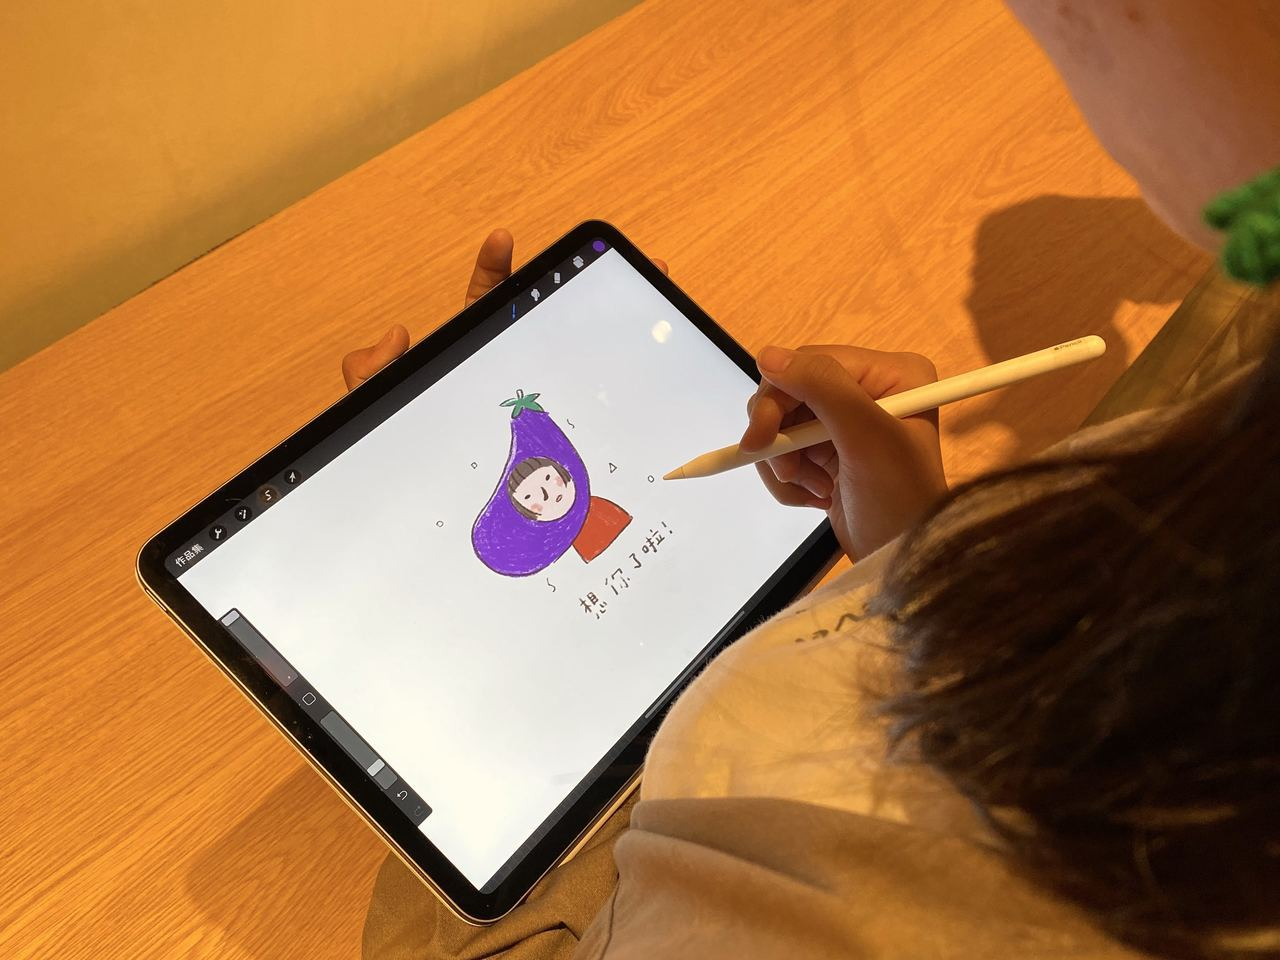 蘋果邀請圖文創作者咻咻熊合作開課,參加者可跟著咻咻熊輕鬆創作出獨一無二的暖心問候...